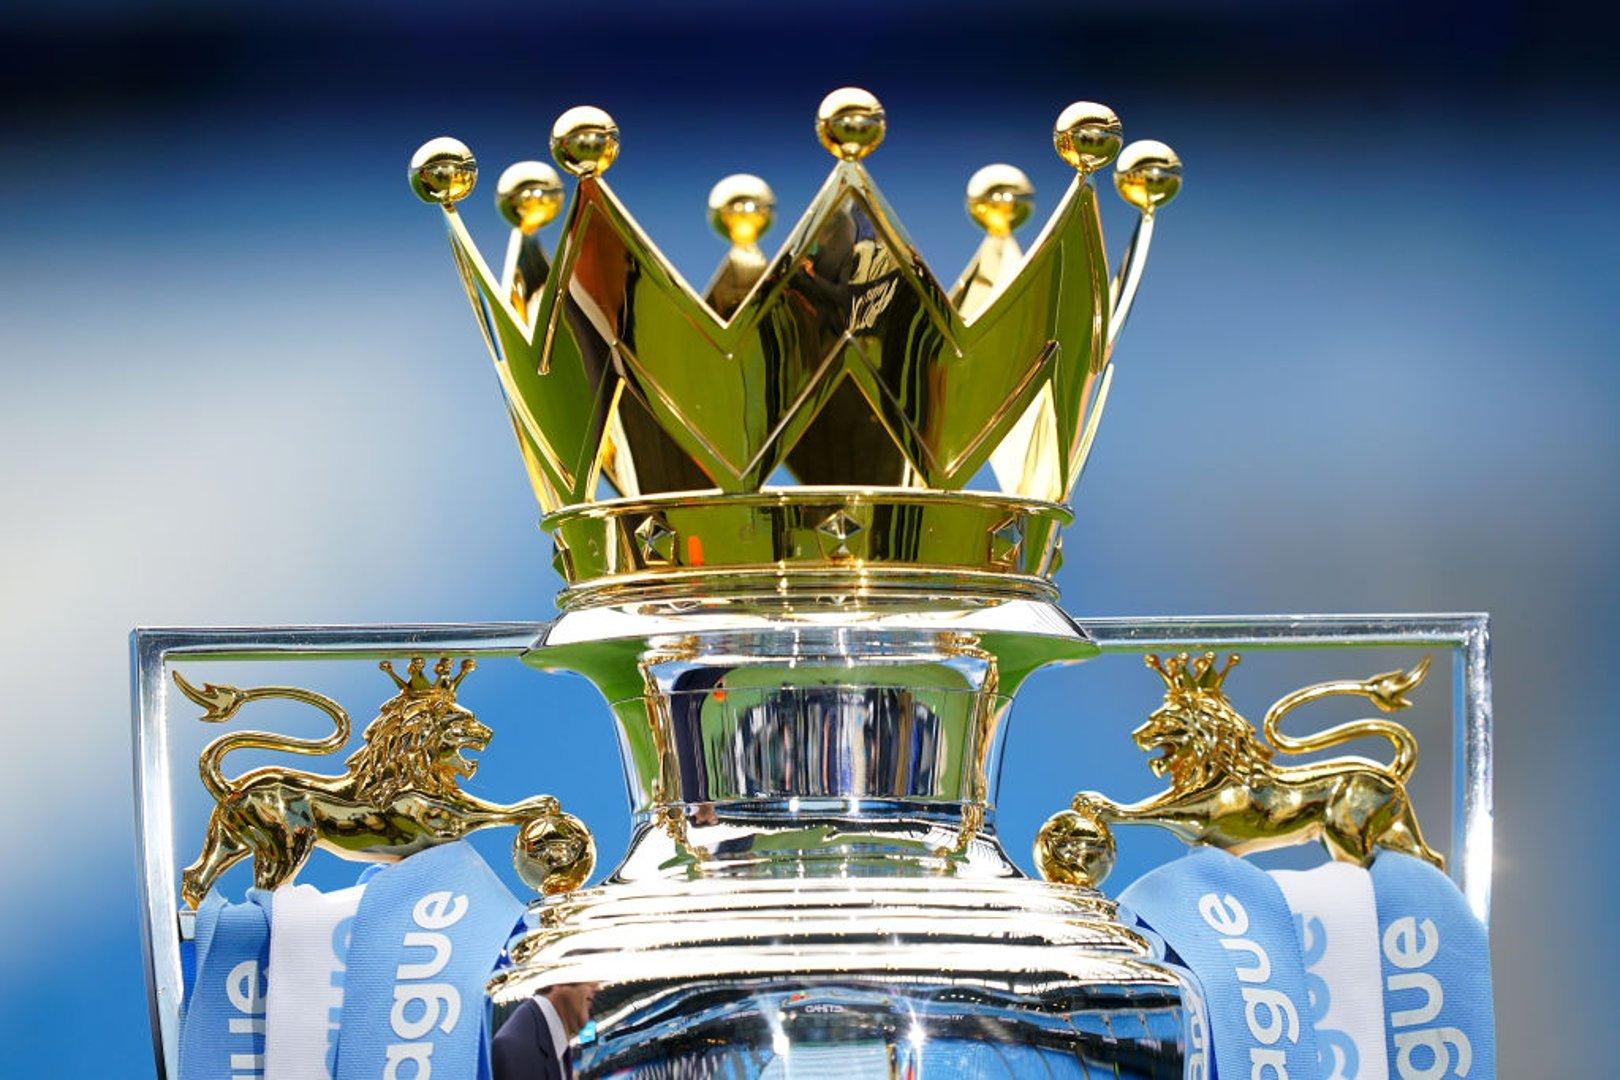 Jogos da Premier League 2021/22: datas para ficar de olho